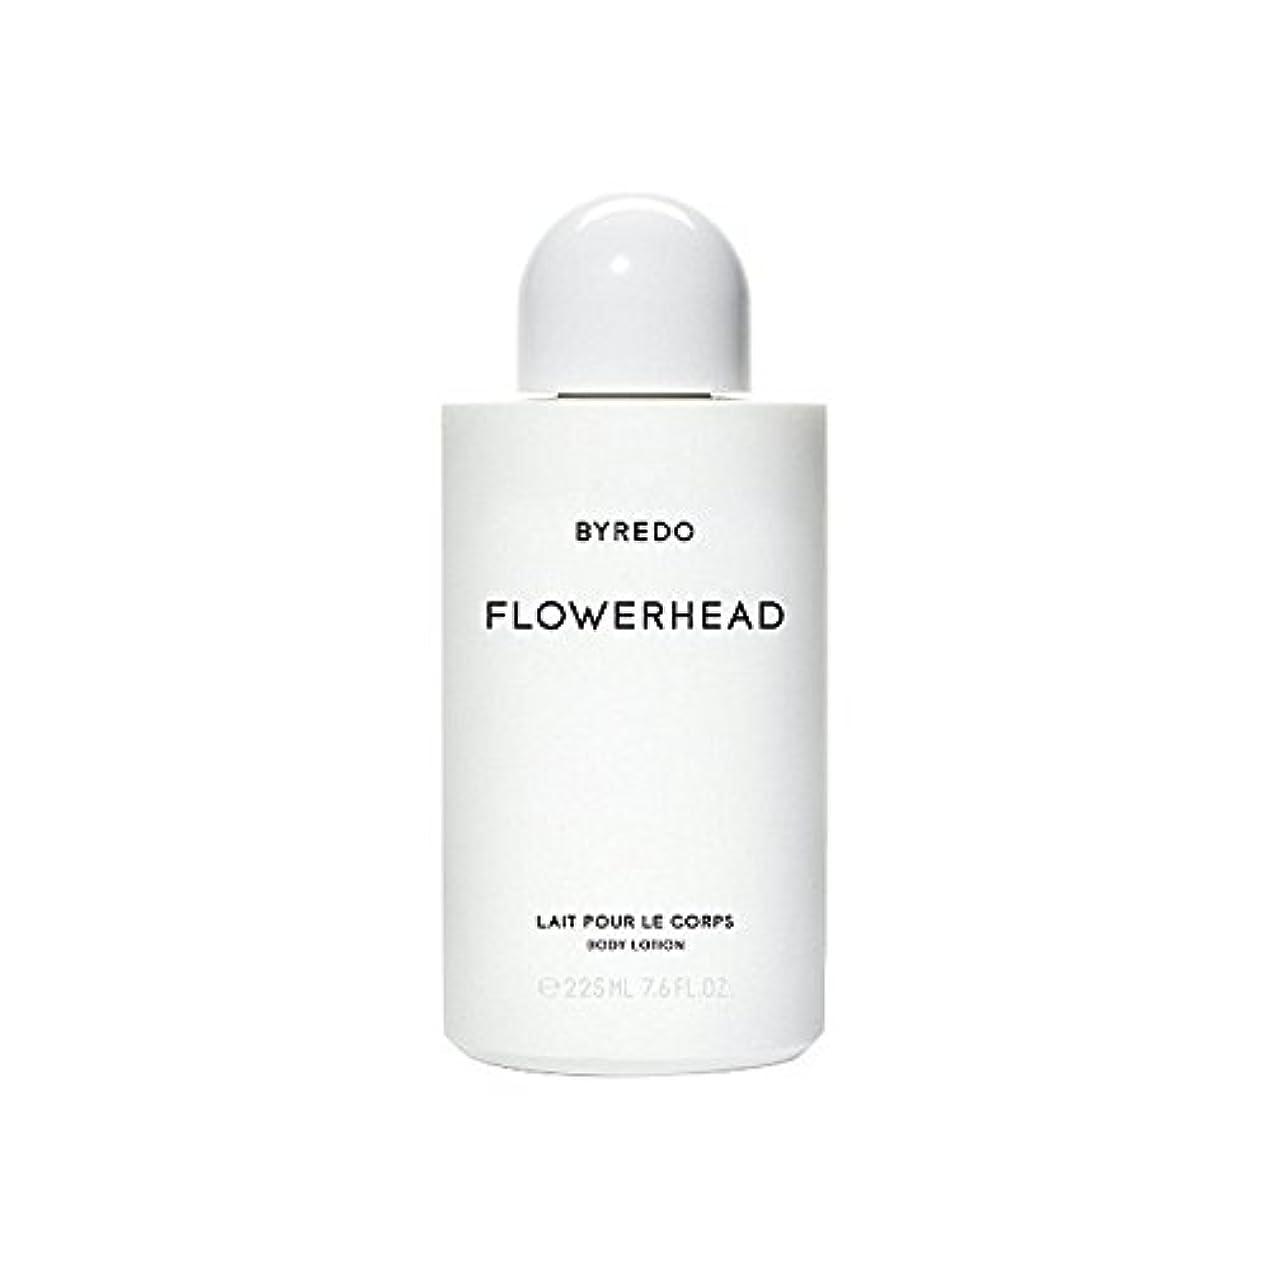 アクションカルシウム資料ボディローション225ミリリットル x4 - Byredo Flowerhead Body Lotion 225ml (Pack of 4) [並行輸入品]